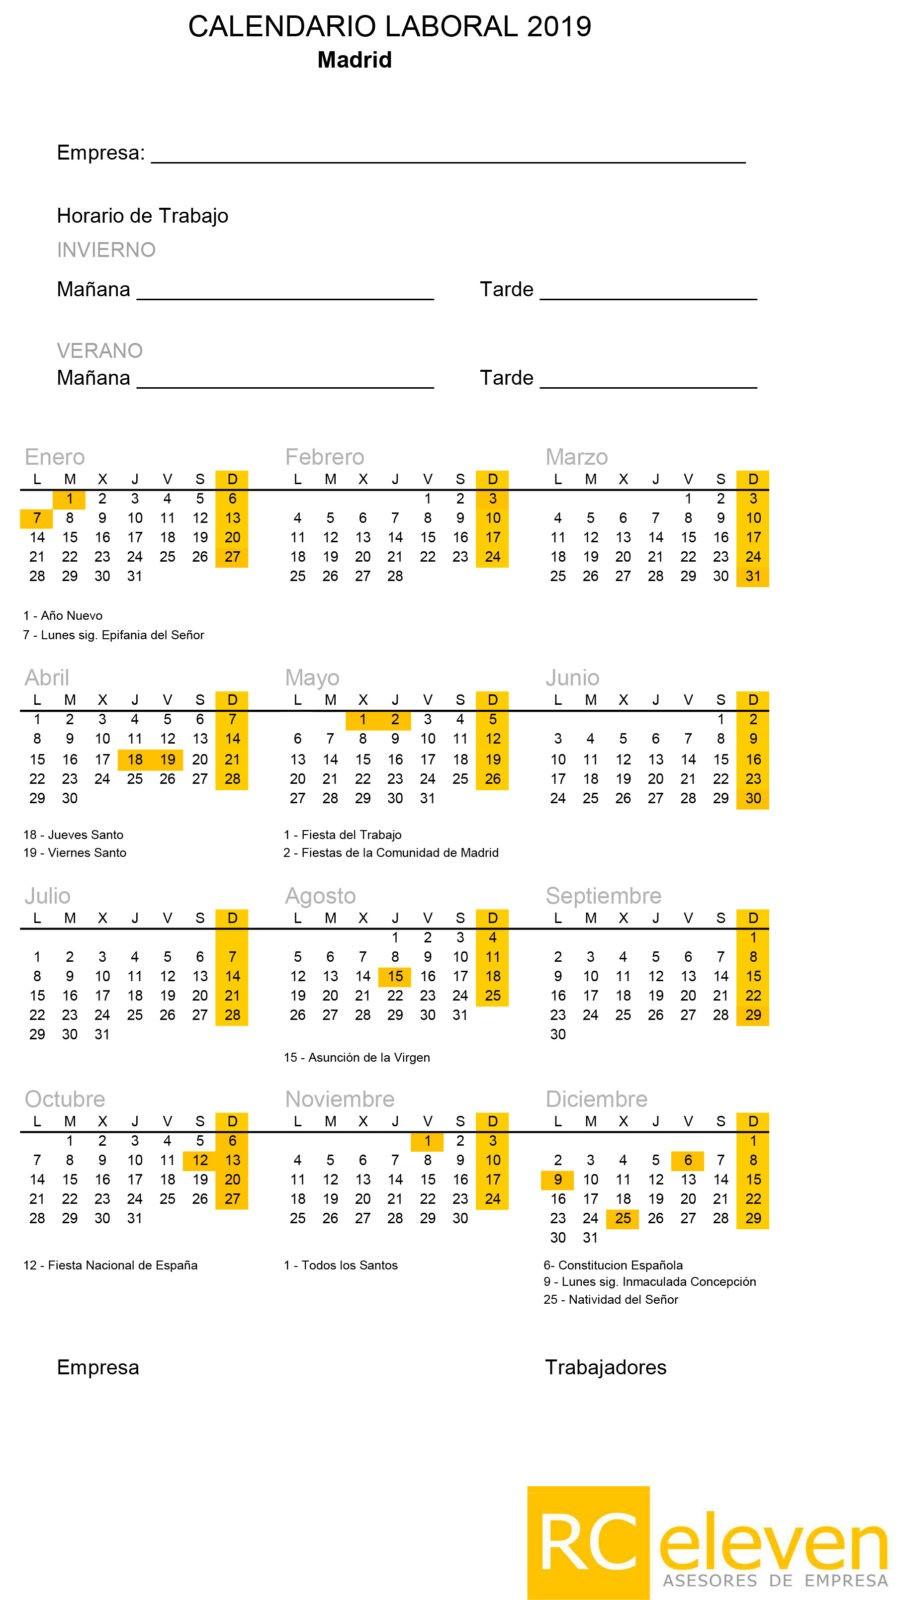 Calendario Laboral Espana 2019.Calendario Laboral 2019 Rc Eleven Rc Eleven